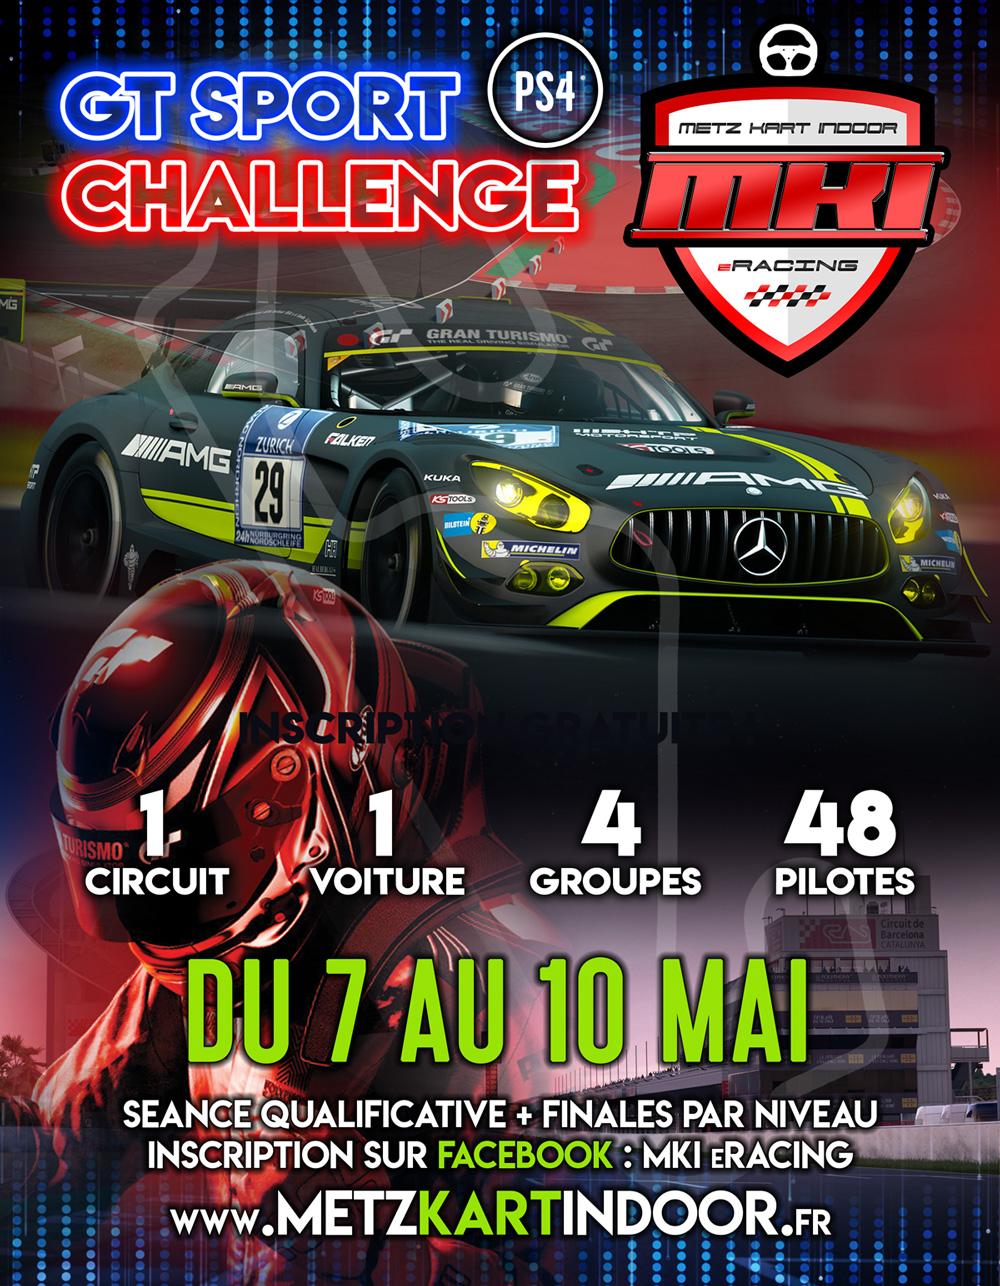 New-challenge-e-sport-Metz-Kart-indoor